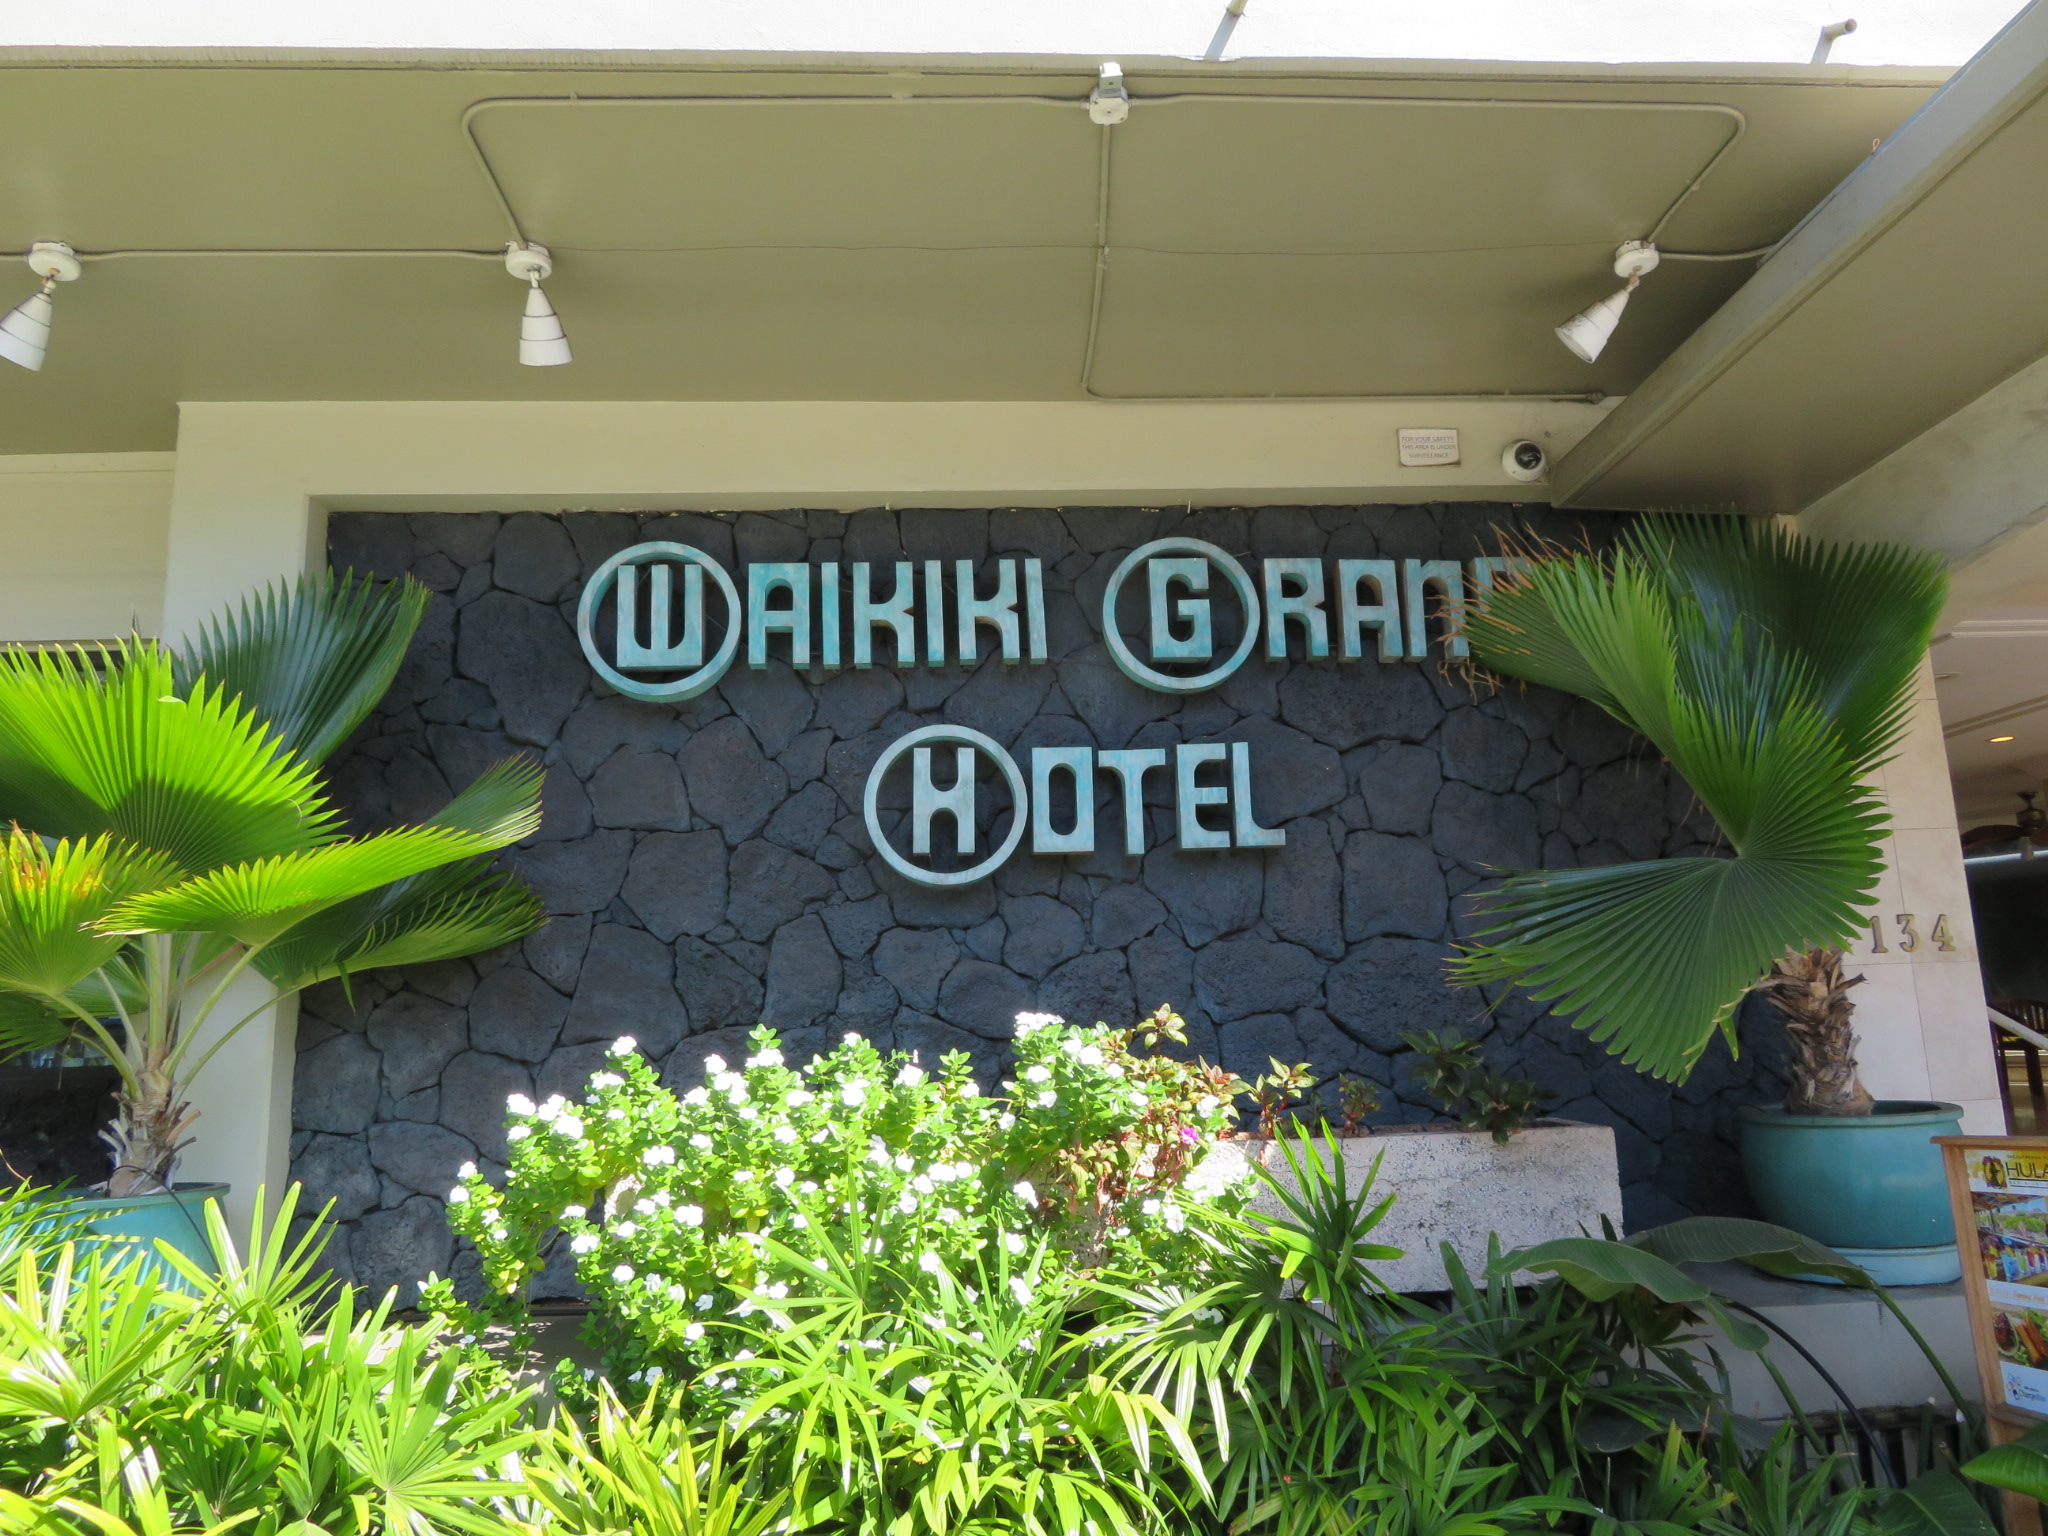 ワイキキ・グランド・ホテル / Waikiki Grand Hotel